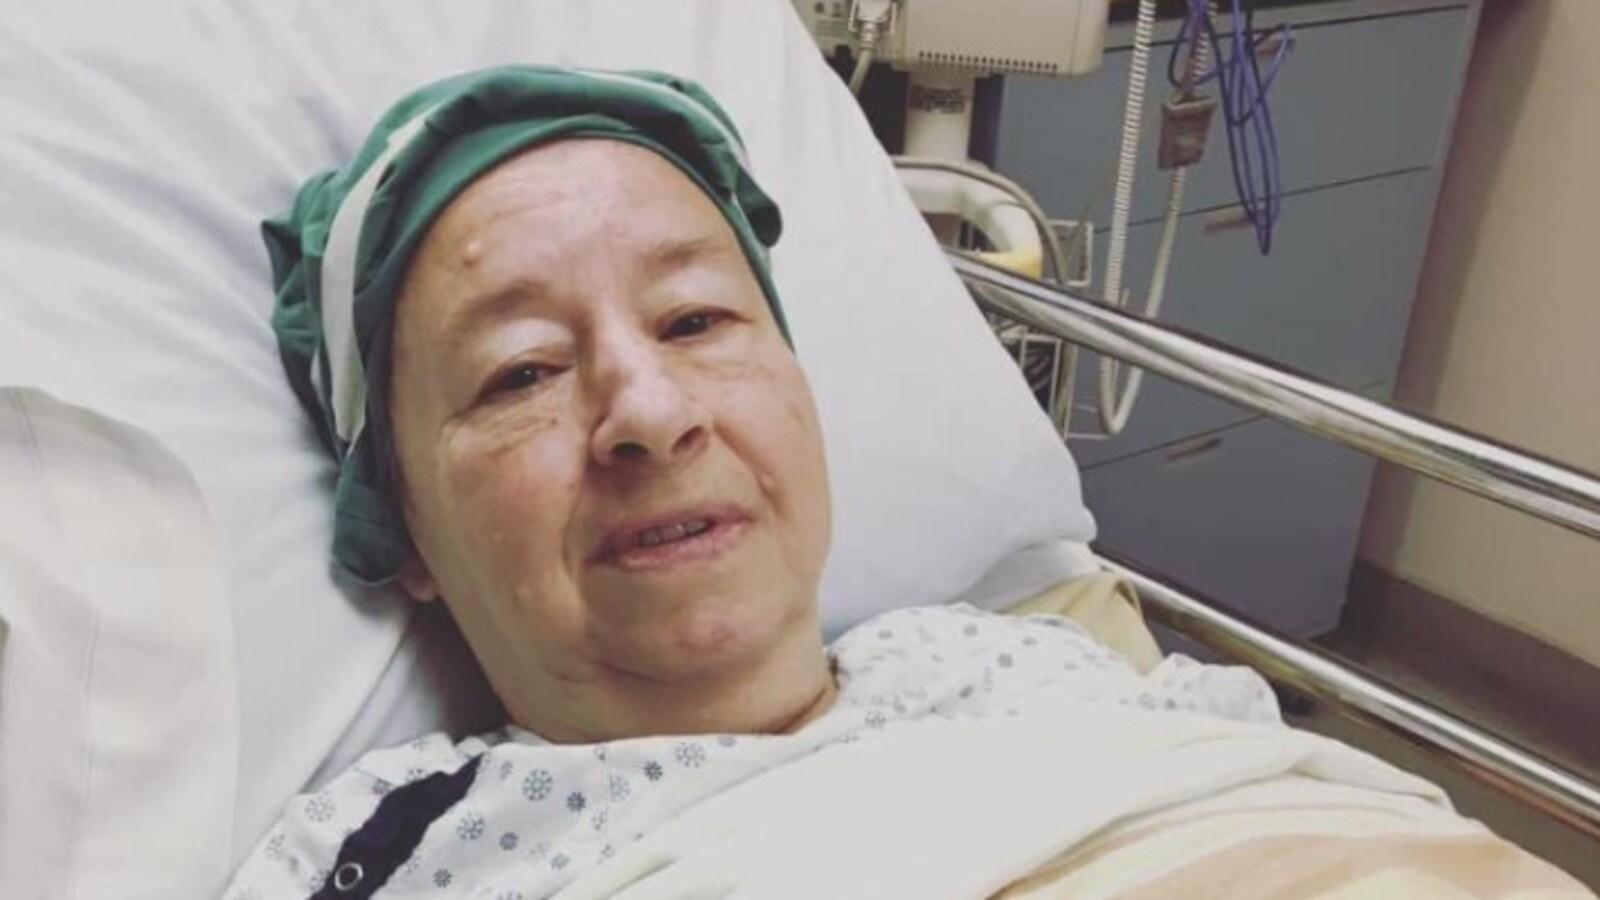 Une femme couchée dans un lit d'hôpital, l'air malade.